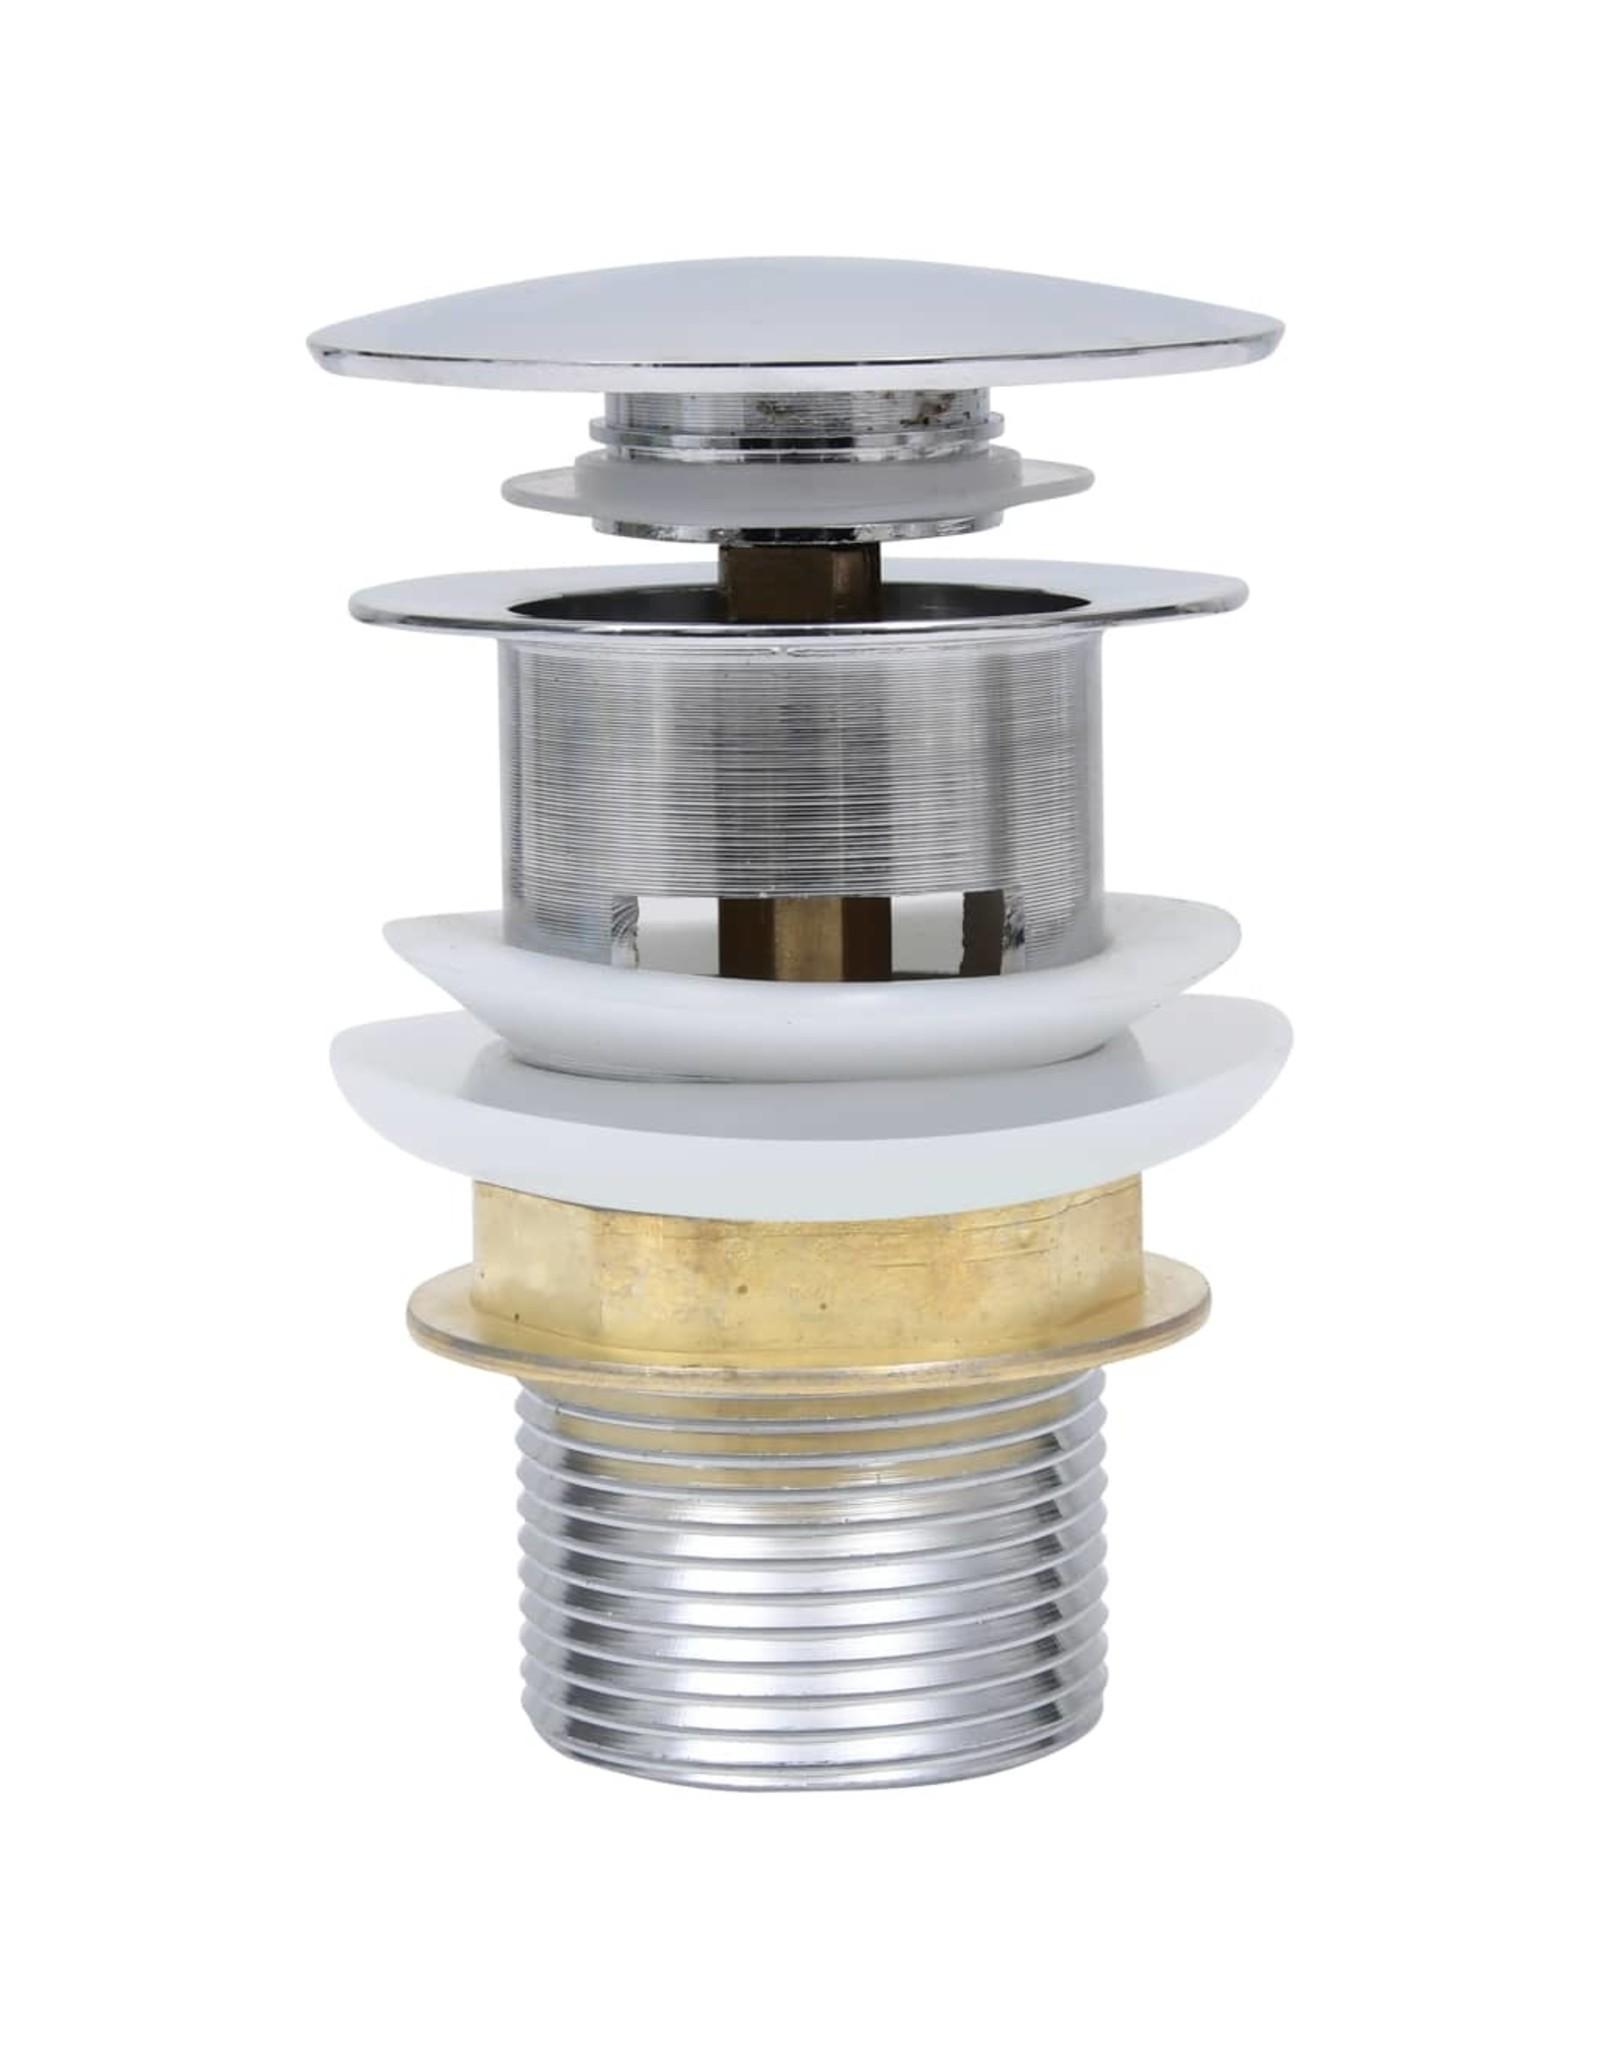 Afvoer pop-up zonder overloop 6,4x6,4x9,1 cm nikkelkleurig